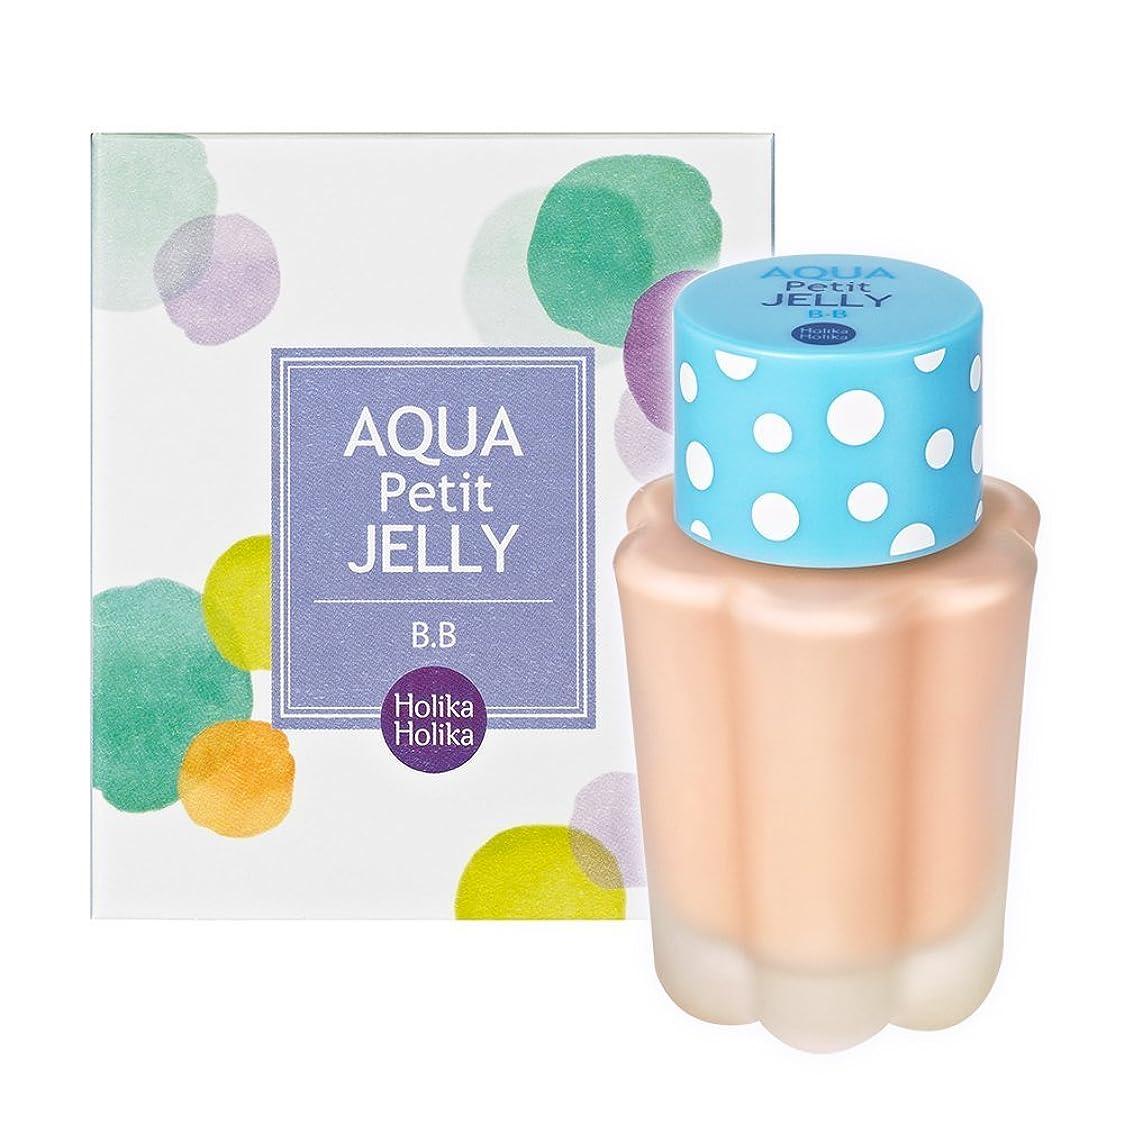 収まるあえてに対処するHolika Holika ホリカホリカ アクア?プチ?ゼリー?ビービー?クリーム 40ml #2 (Aqua Petit jelly BB Cream) 海外直送品